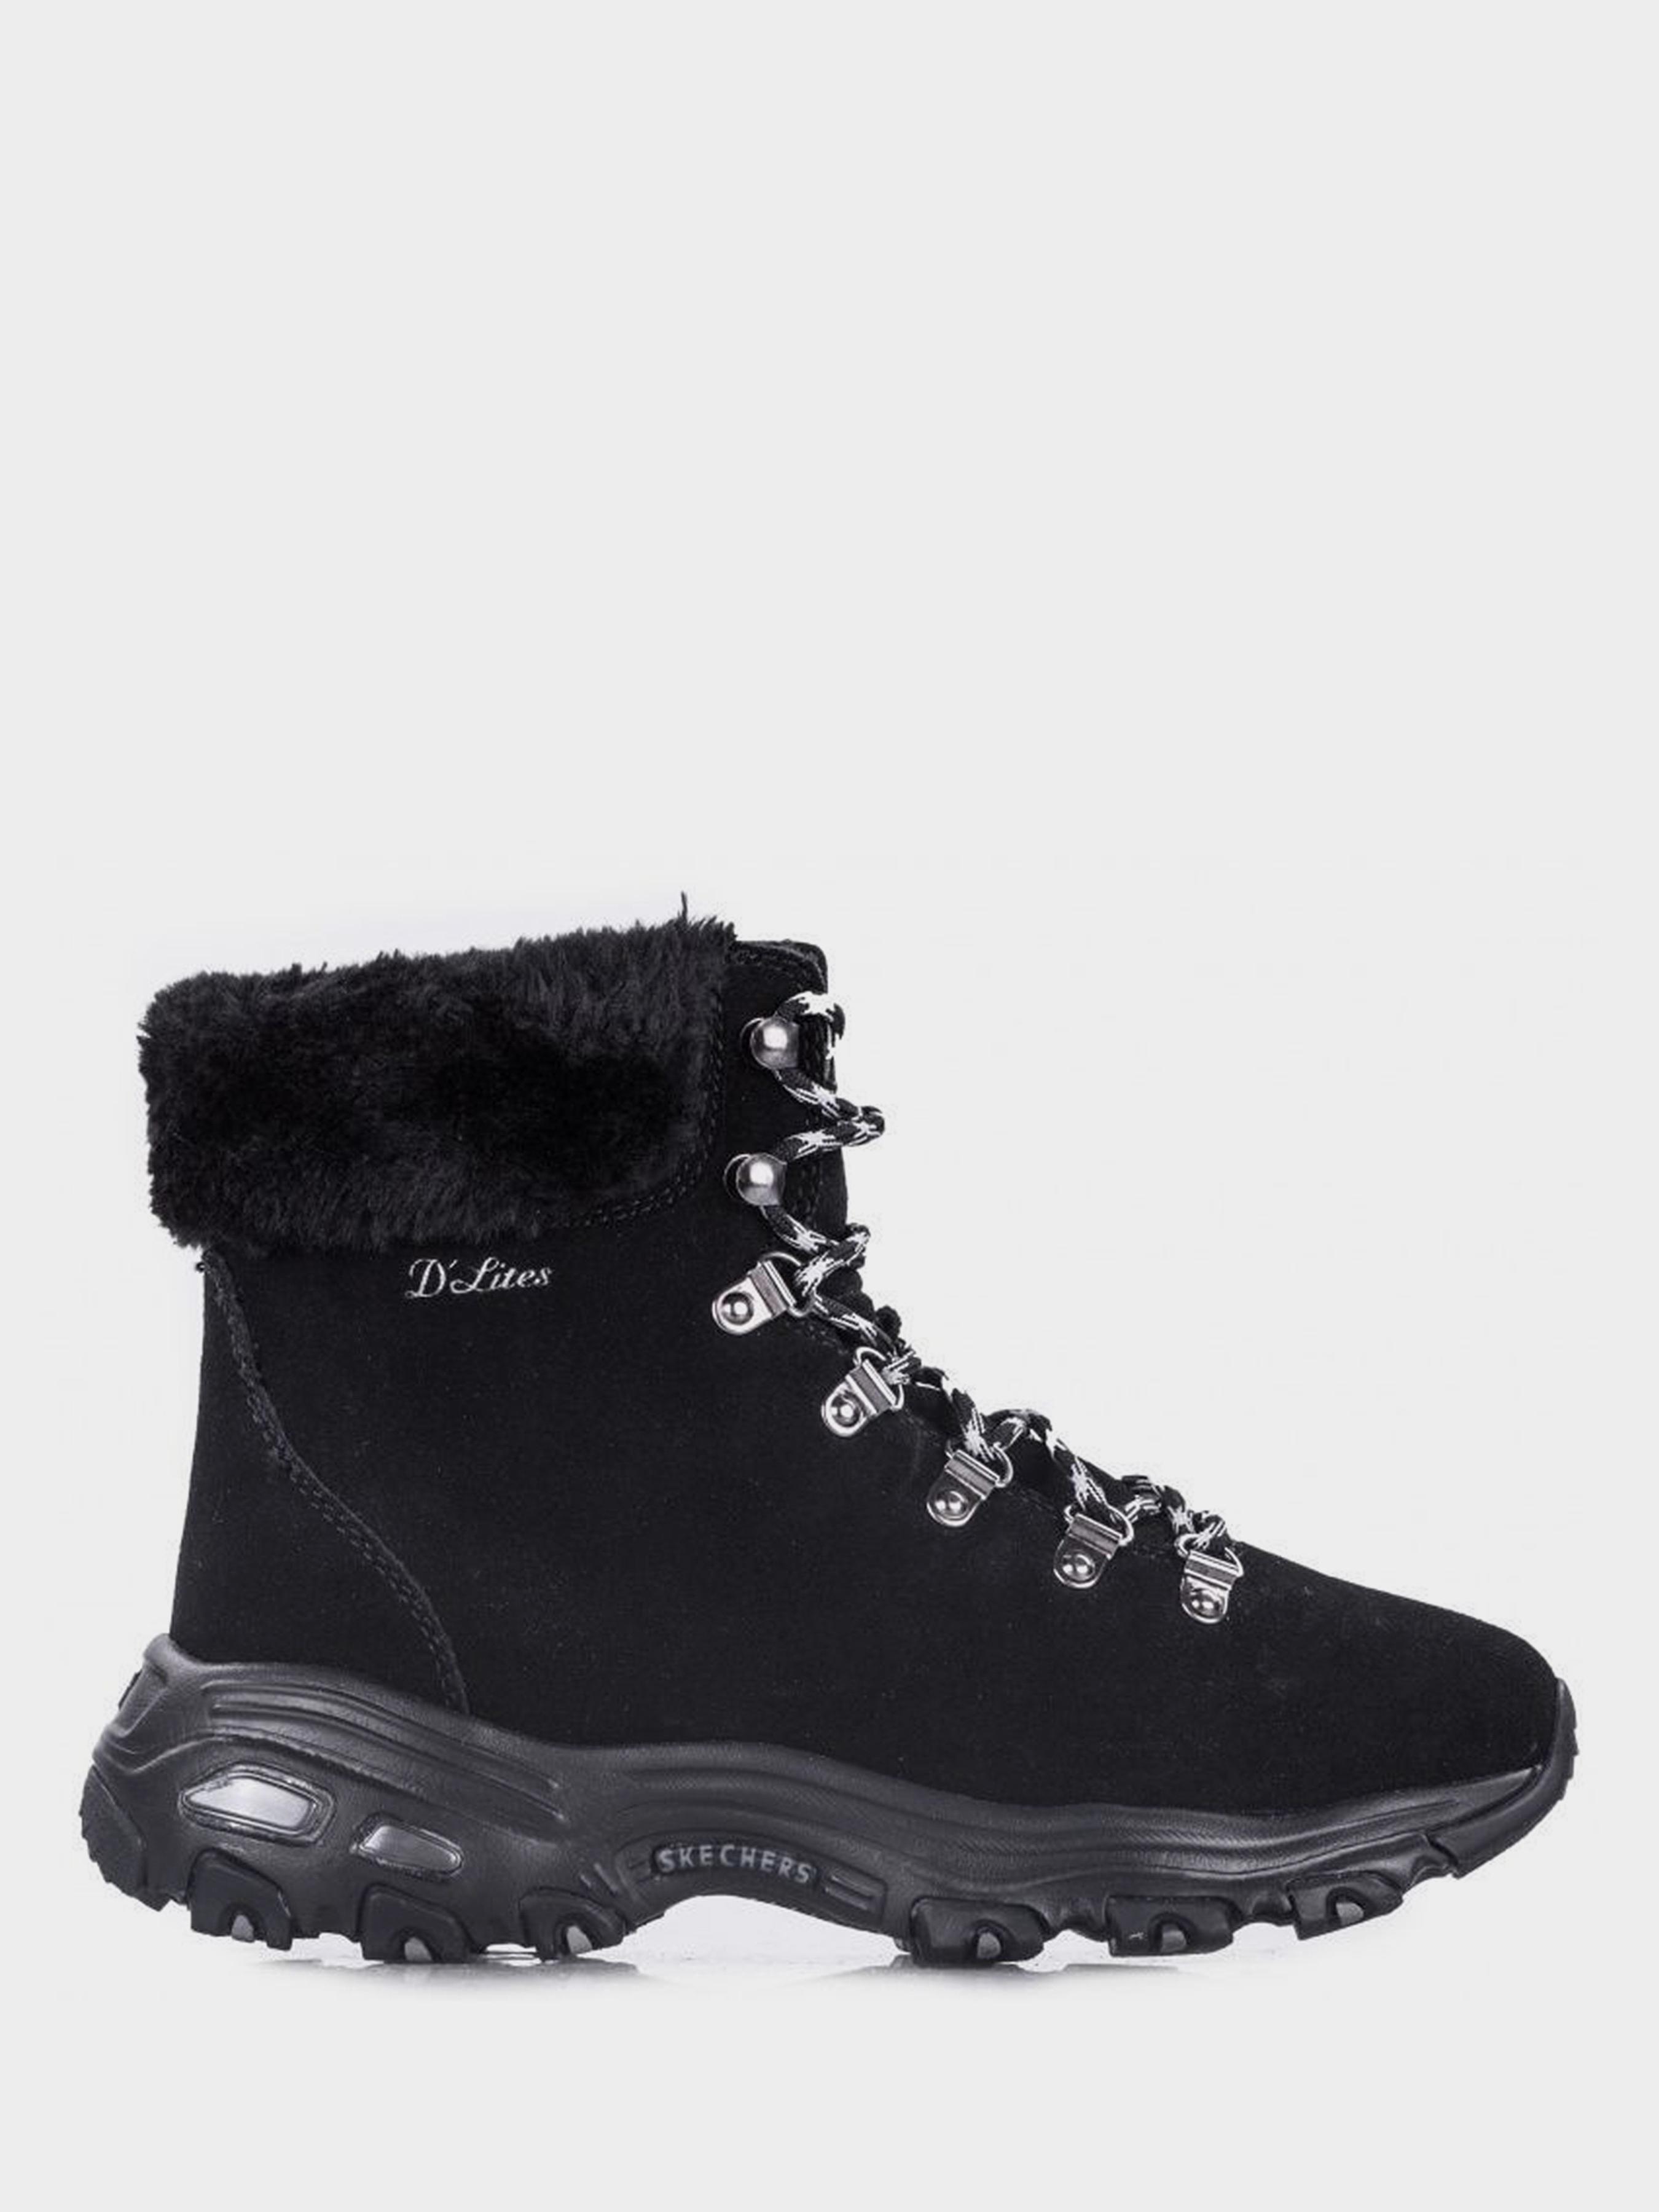 Сапоги для женщин Skechers D'Lites KW4881 брендовая обувь, 2017